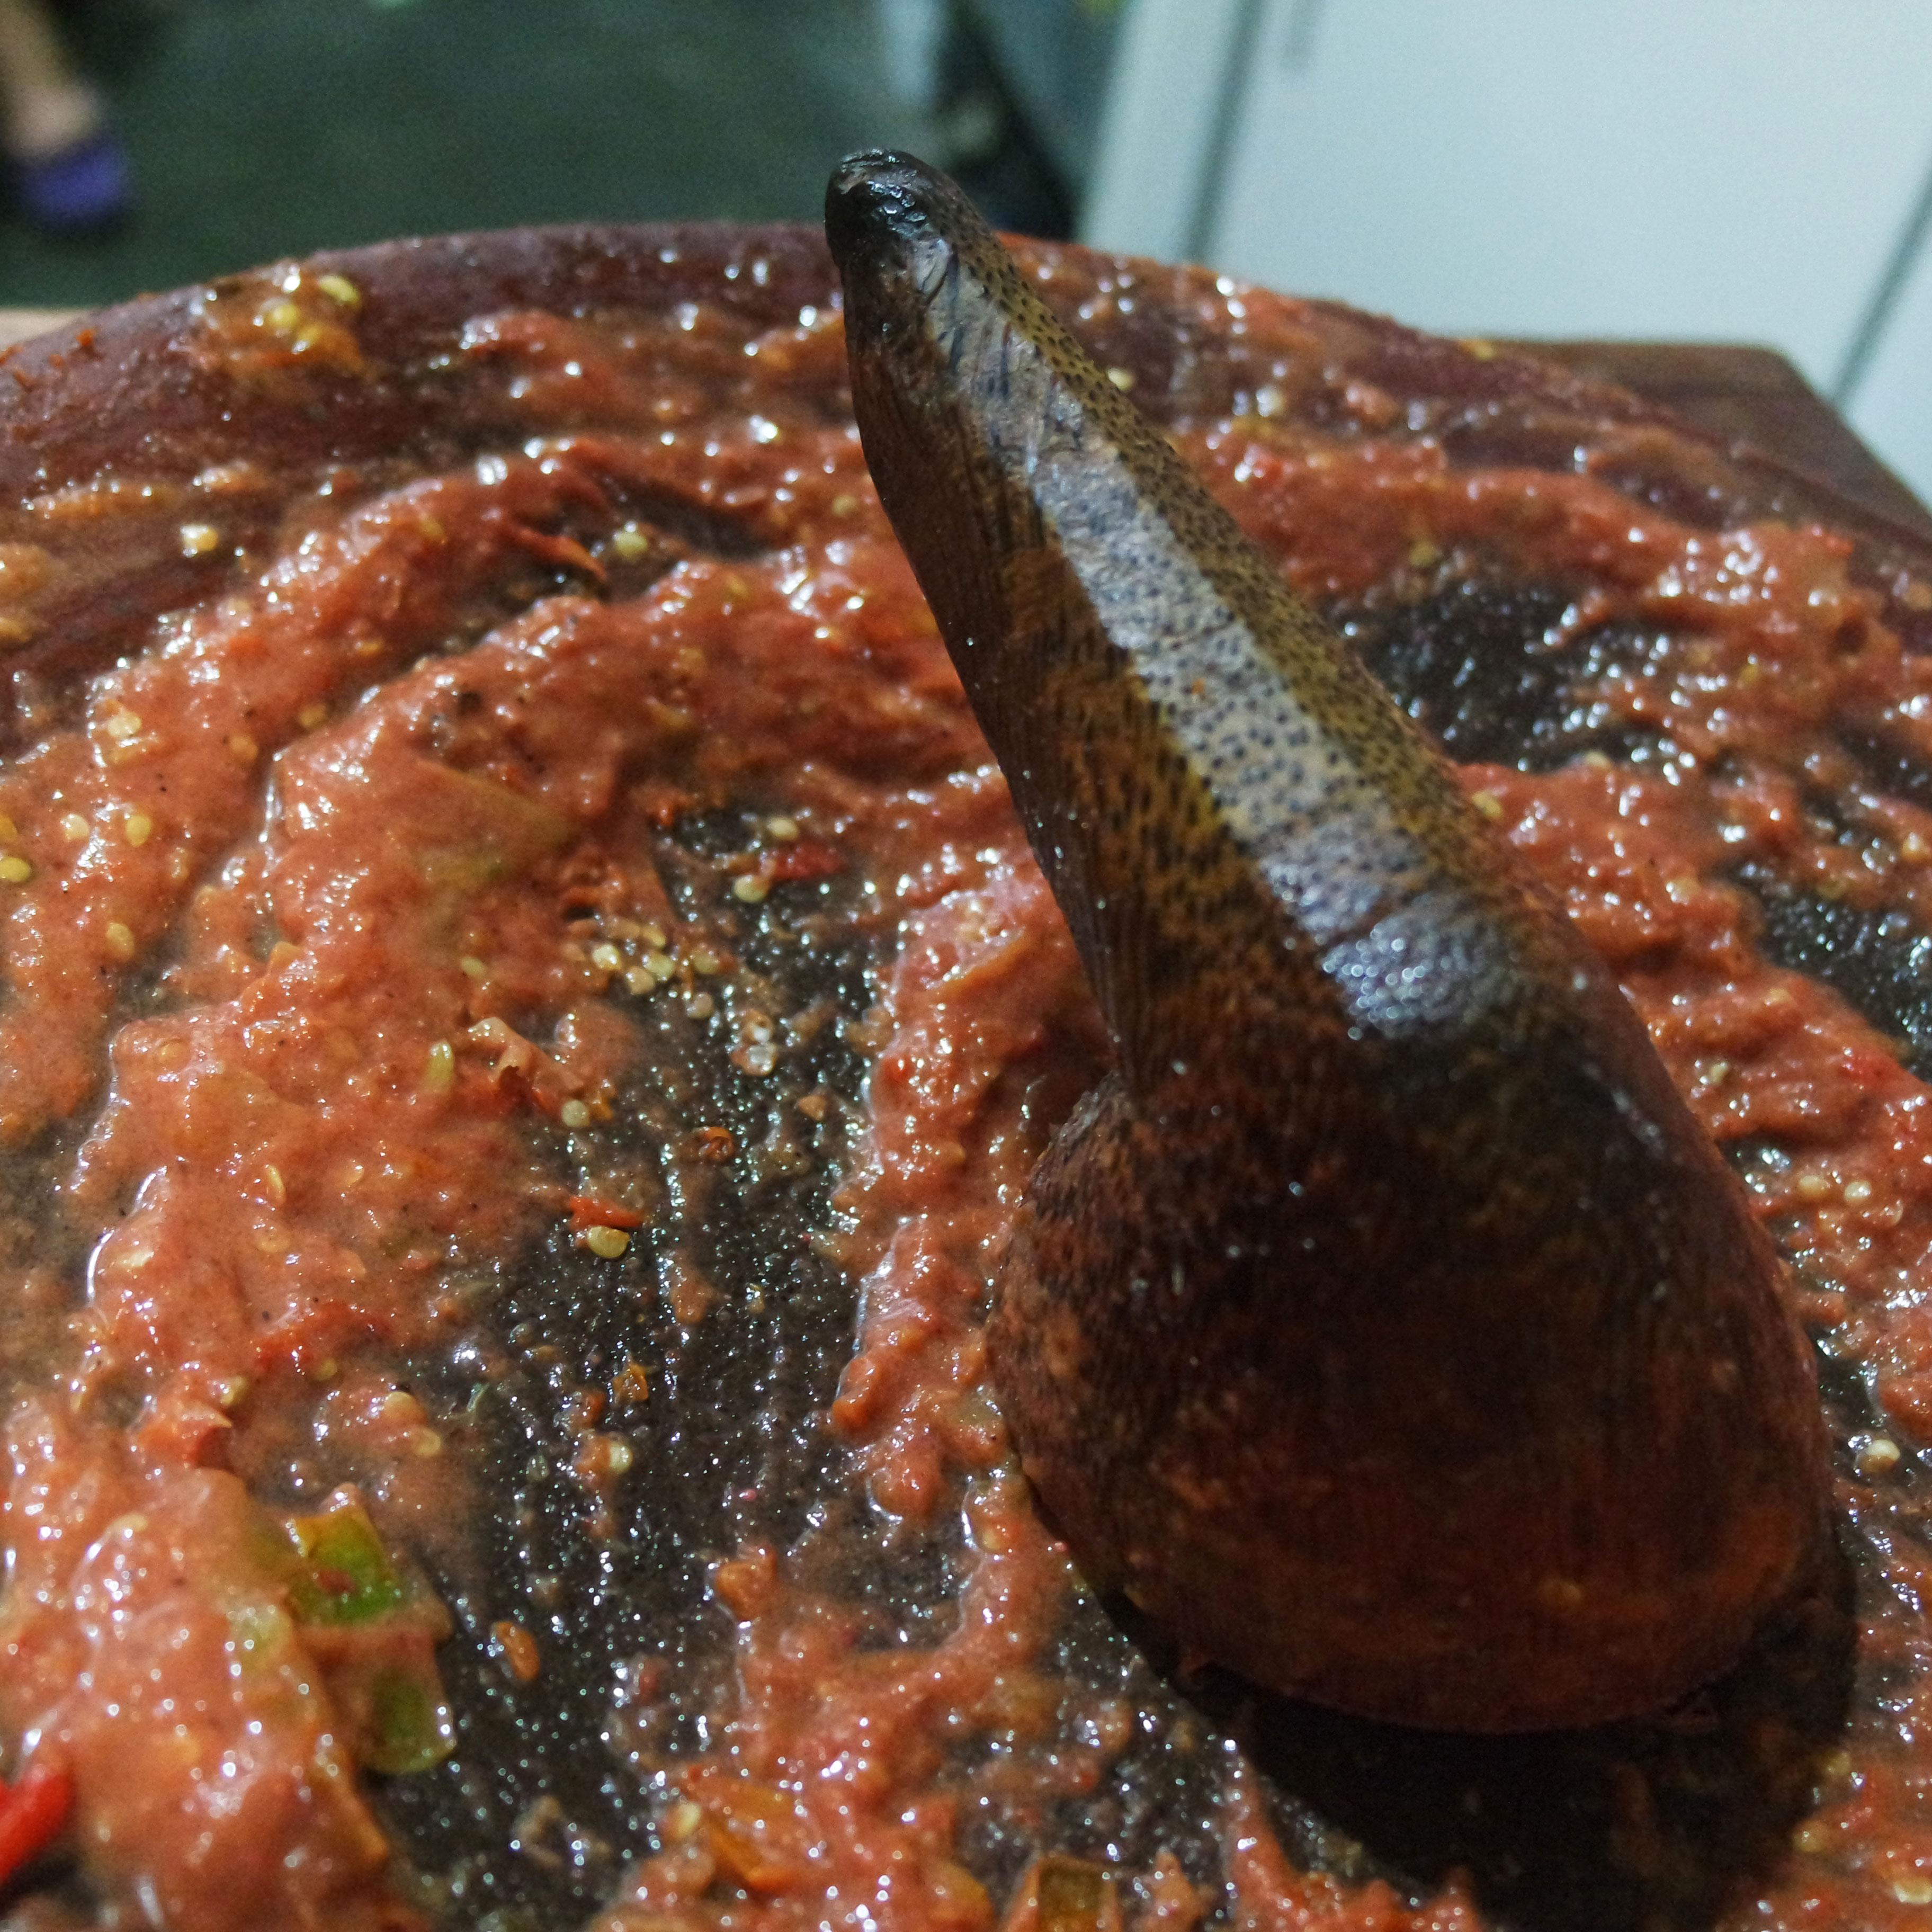 warung-bbq-ubud-bali-restaurant-fish